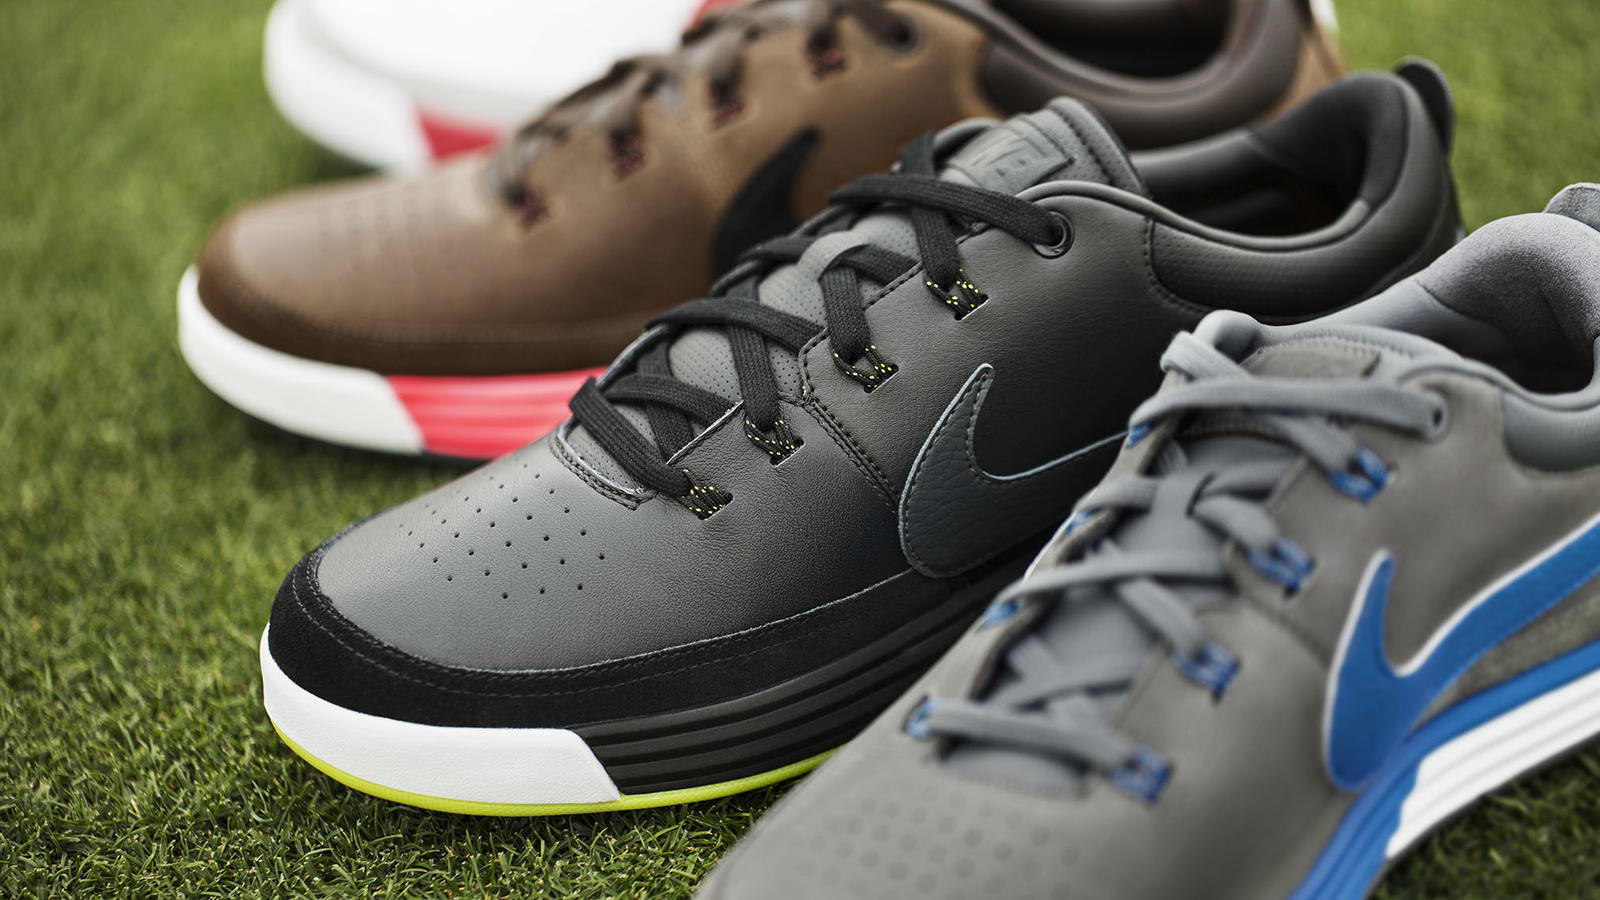 nike waverly last golf shoes